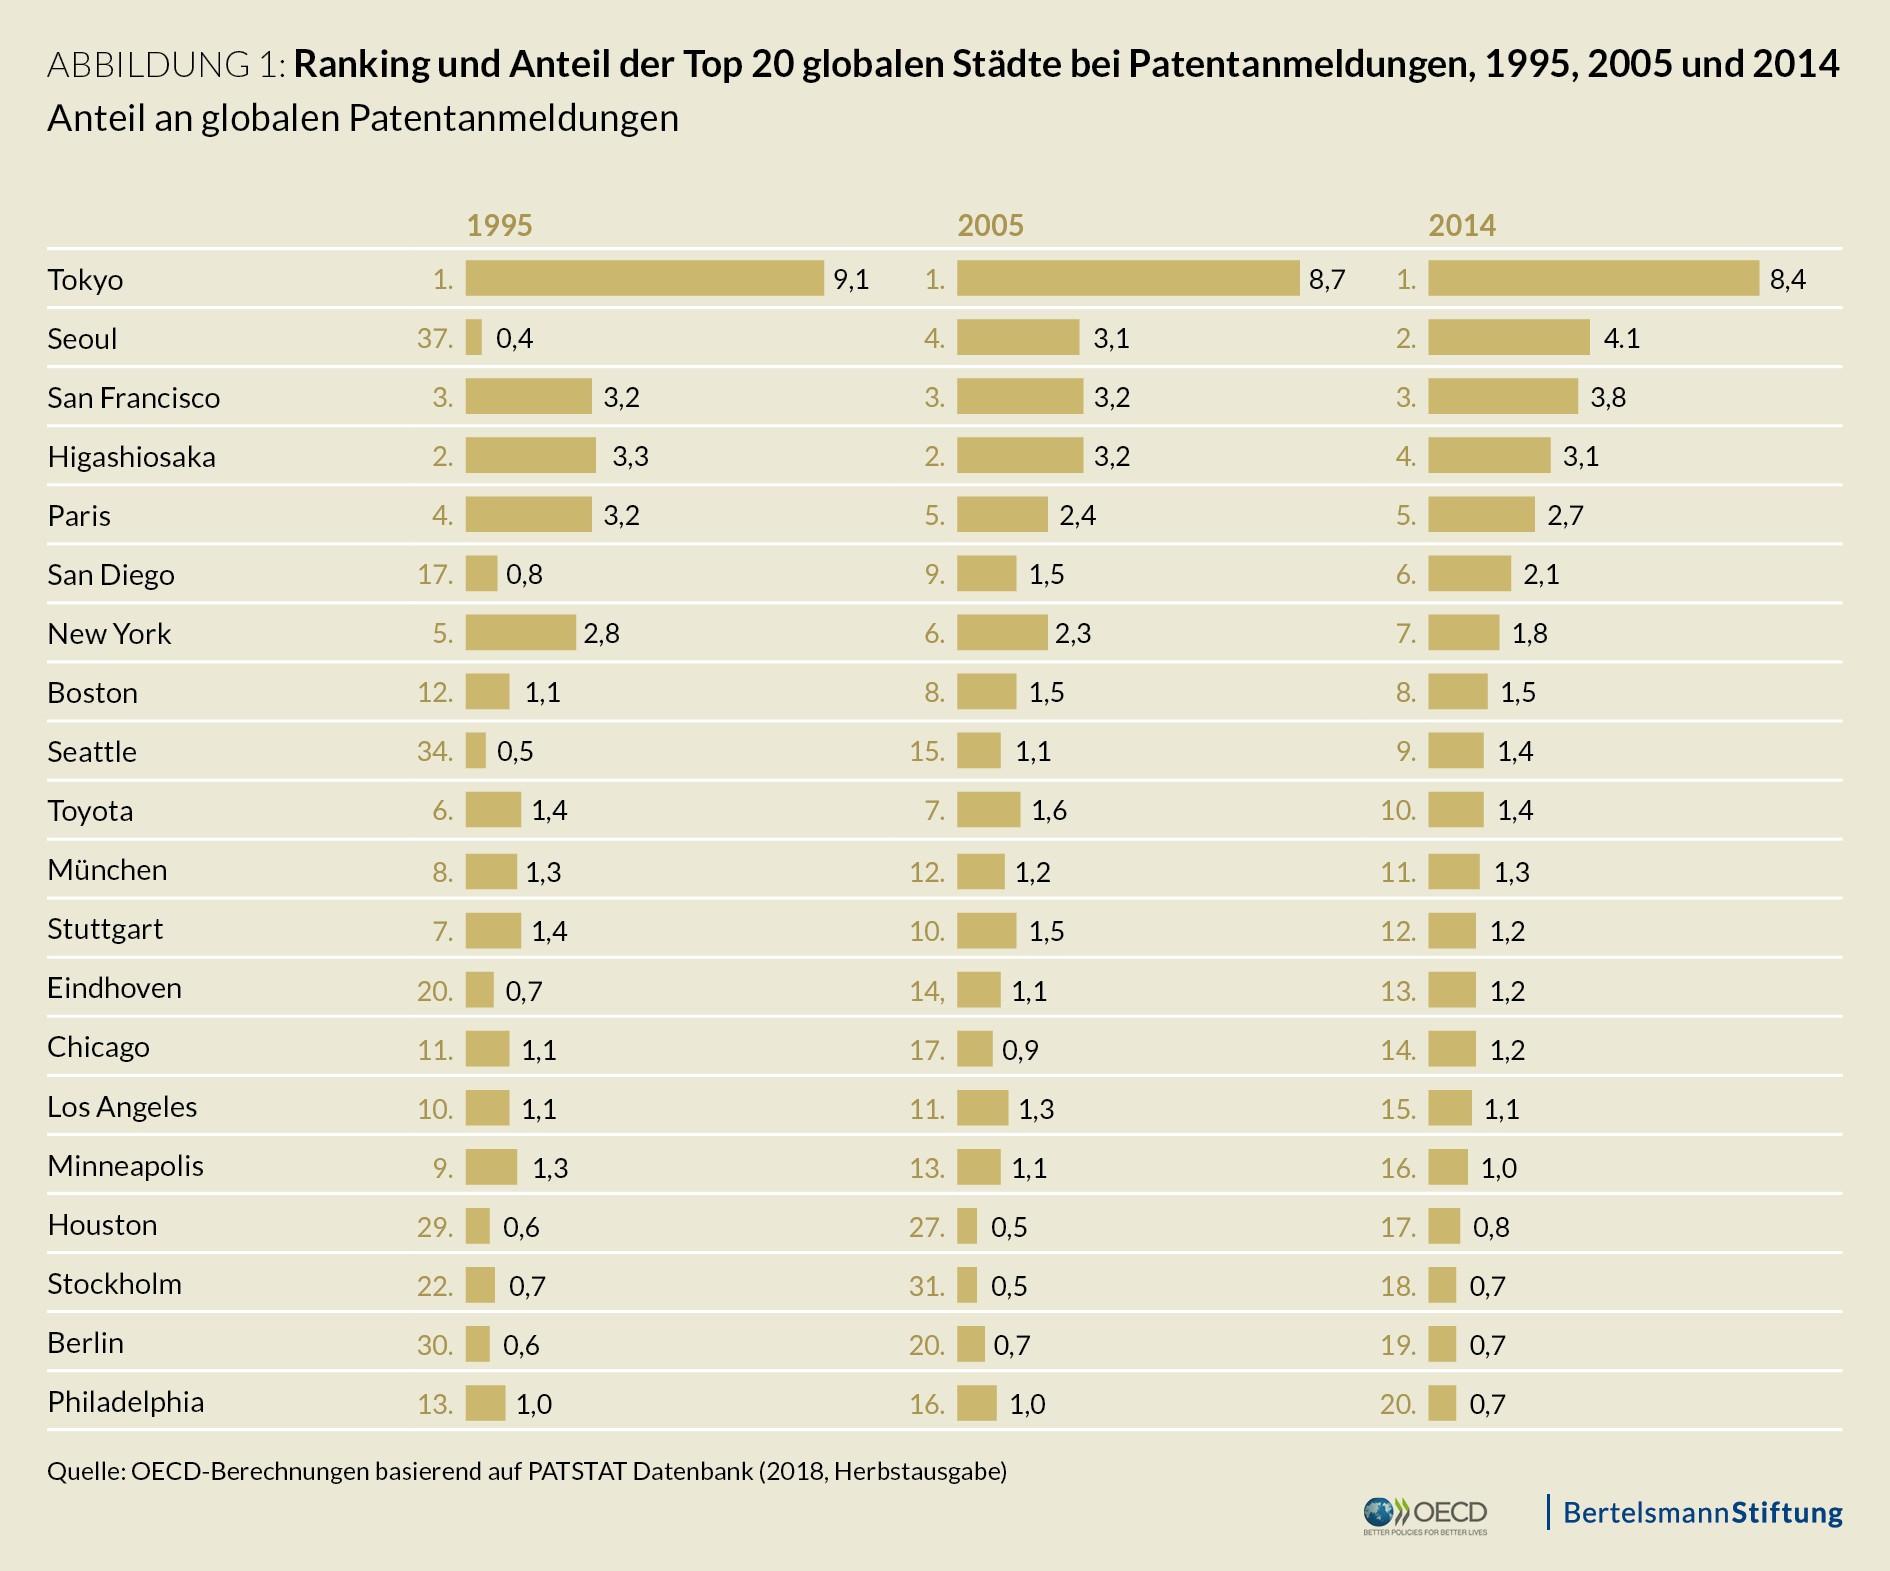 Innovationskonzentration: Ranking und Anteil der Top 20 globalen Städte bei Patentanmeldungen